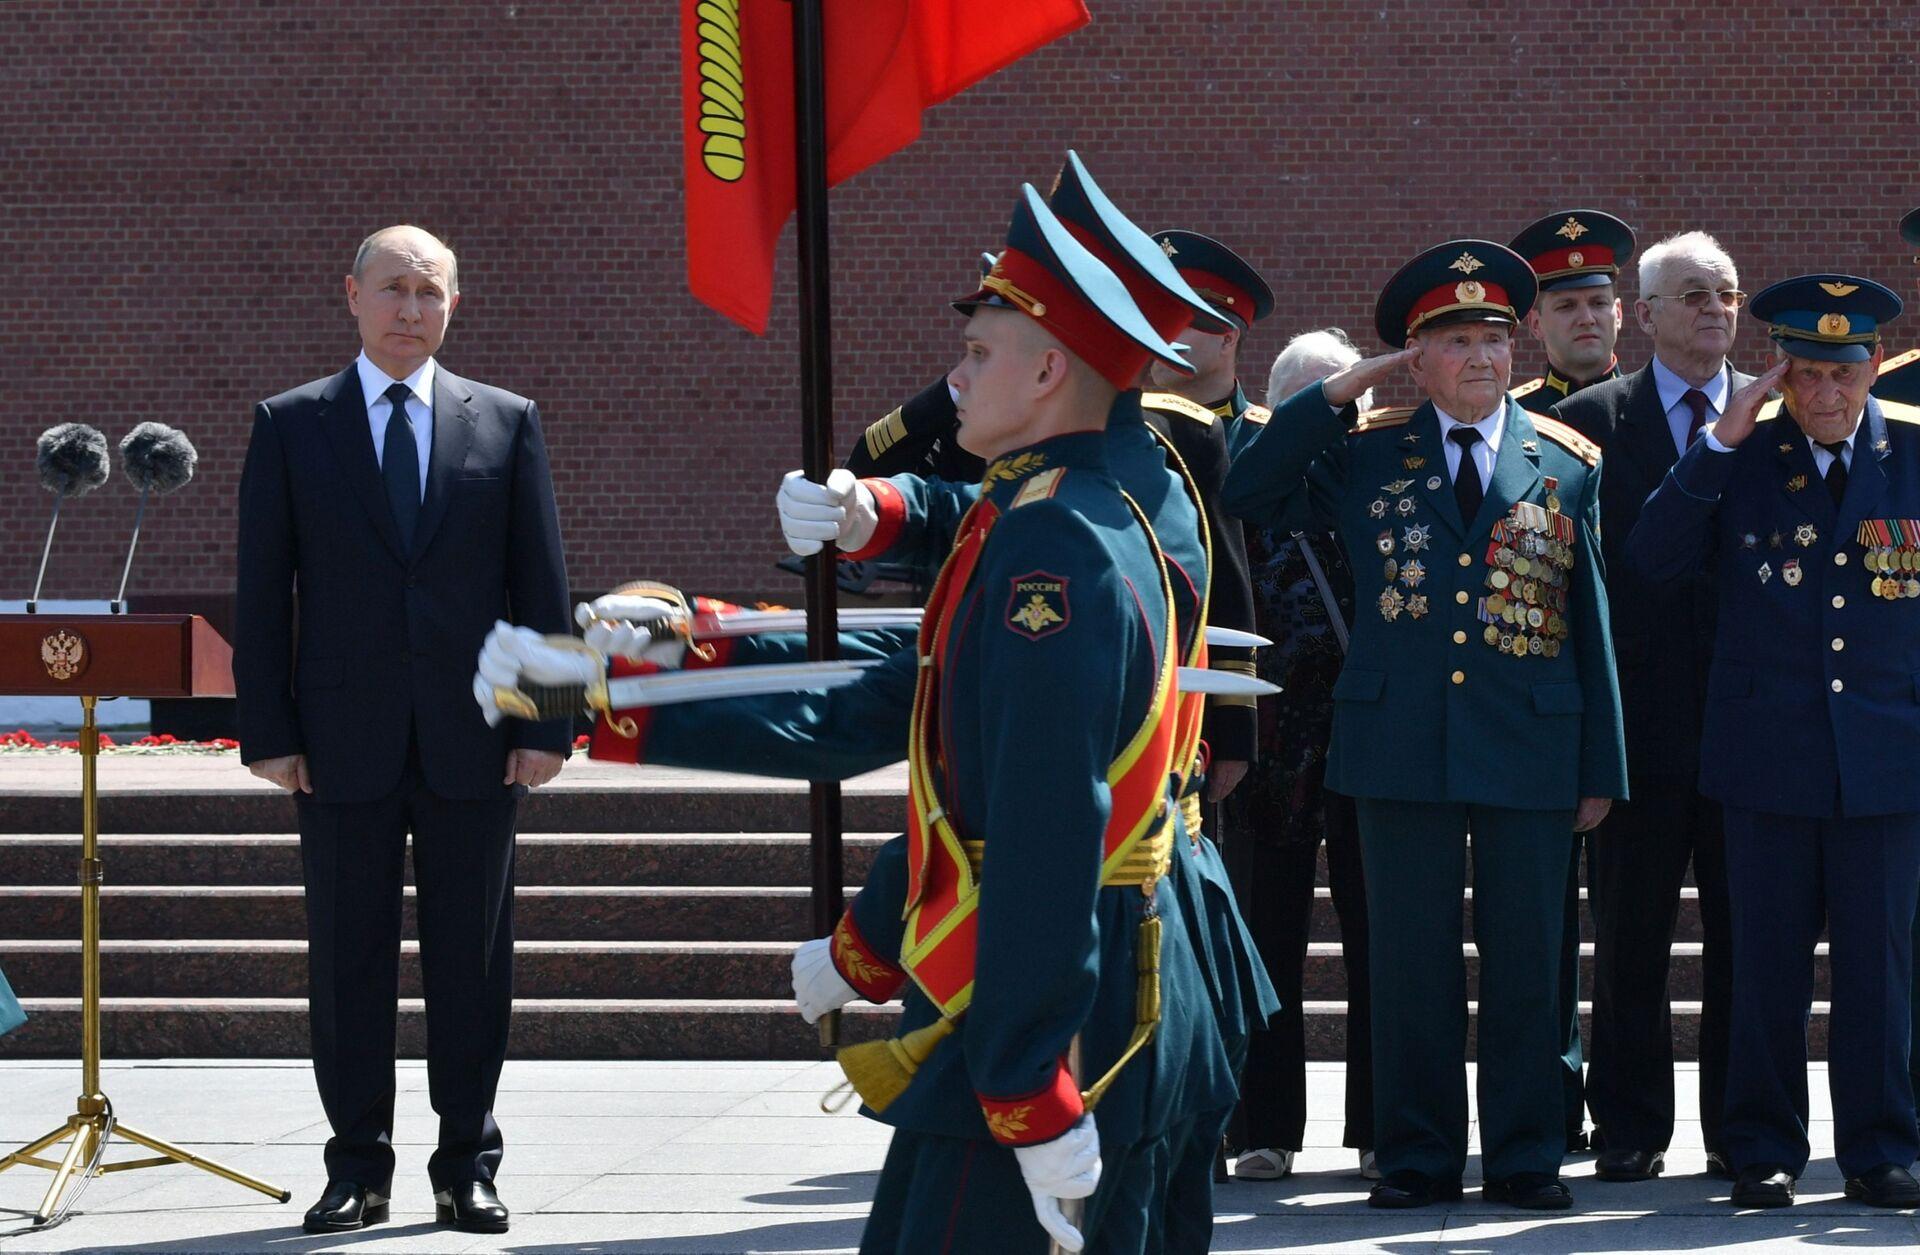 Putin: Người dân Nga sẽ làm mọi thứ để đưa đất nước trở thành cường quốc - Sputnik Việt Nam, 1920, 22.06.2021